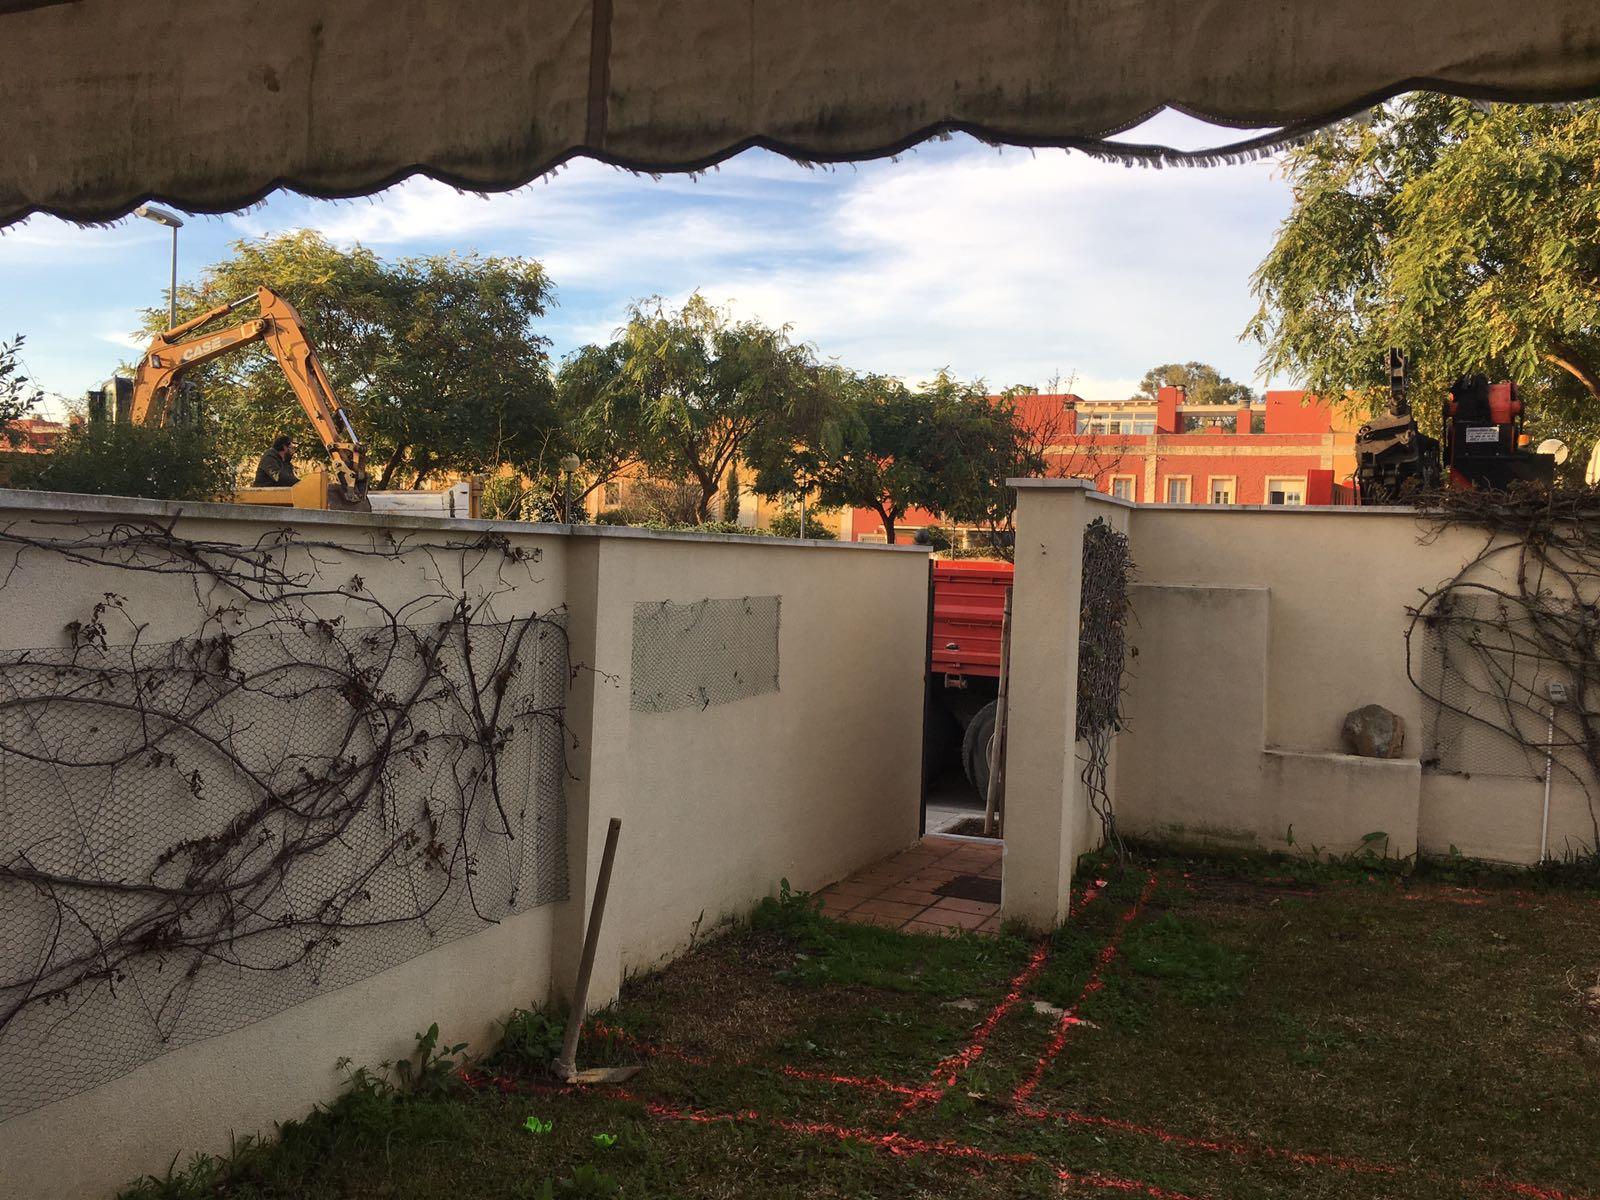 Nueva piscina en jerez de la frontera for Piscina jerez de la frontera